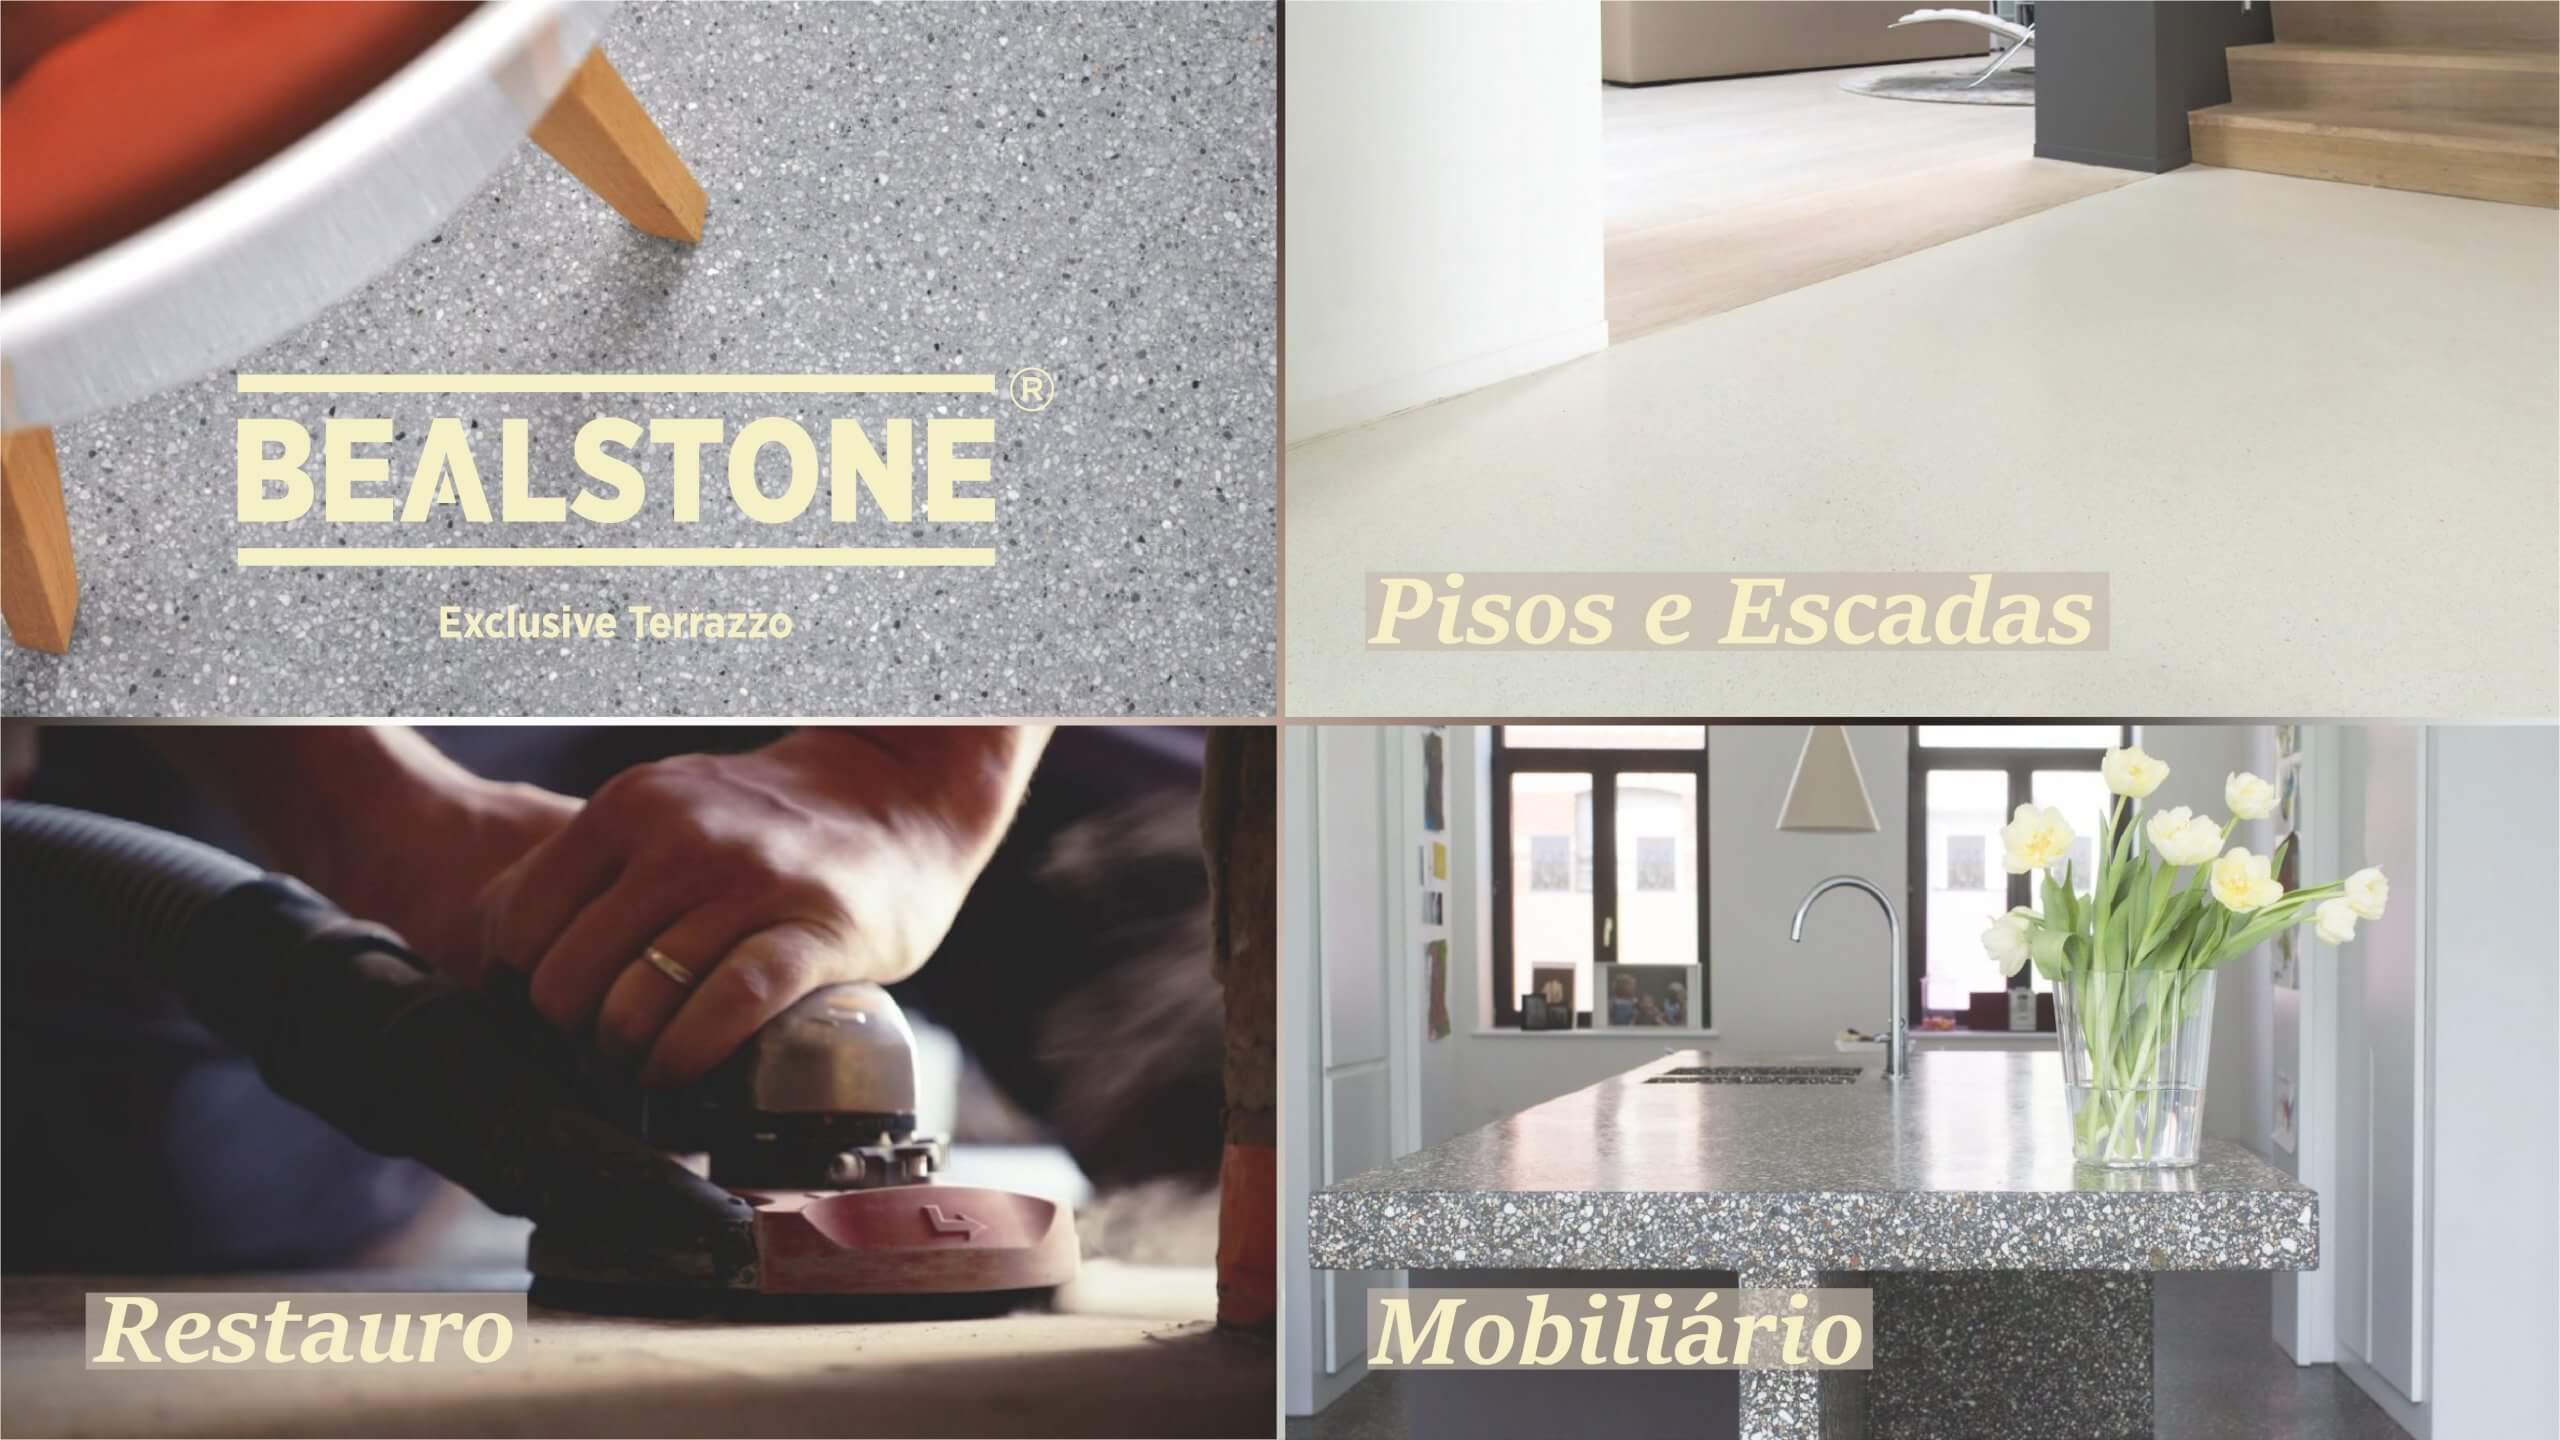 Bealstone Exclusive Terrazzo